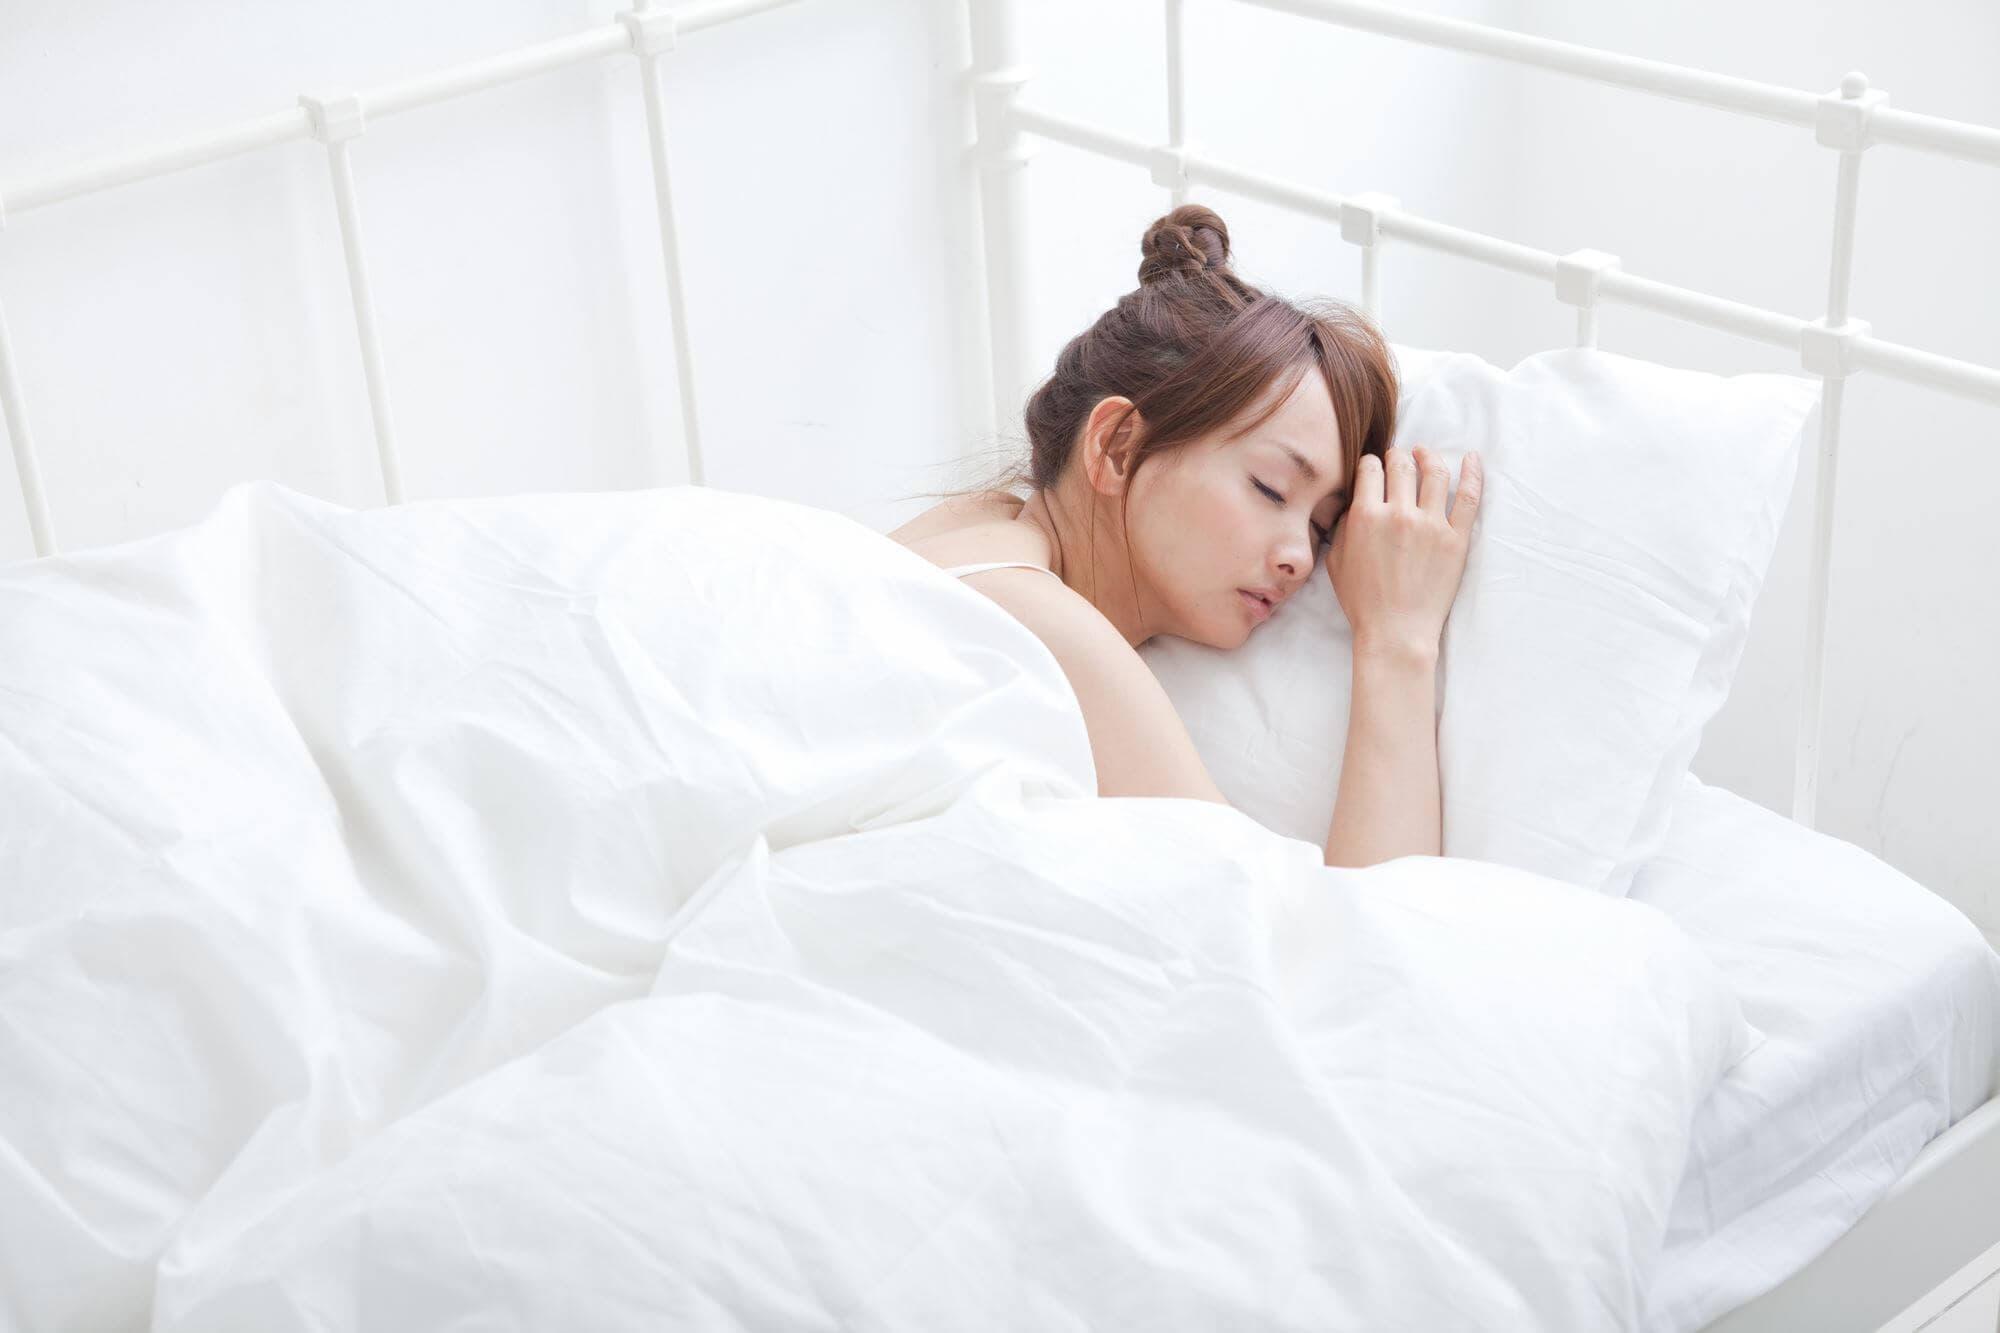 妊婦さんにおすすめな「シムスの体位」と仰臥(ぎょうが)位低血圧症候群を防ぐ寝方